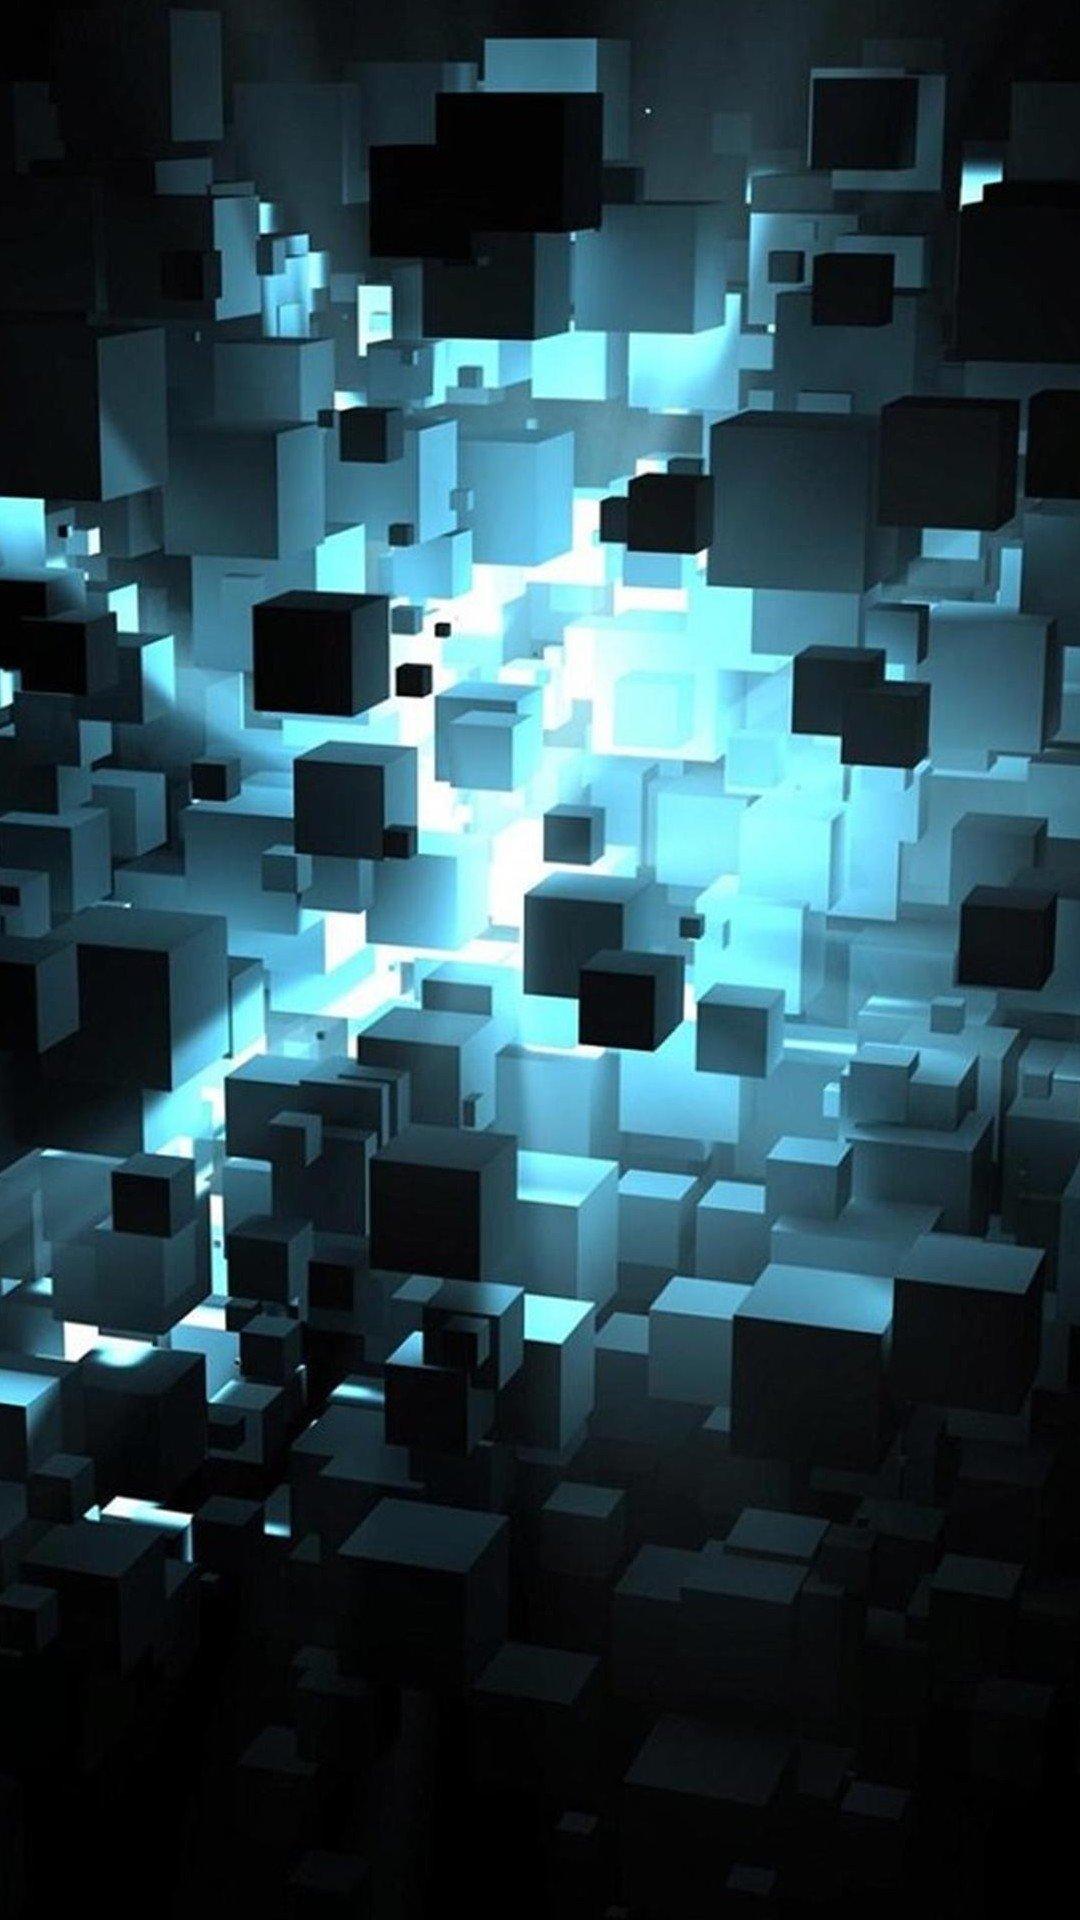 papel de parede 3d android